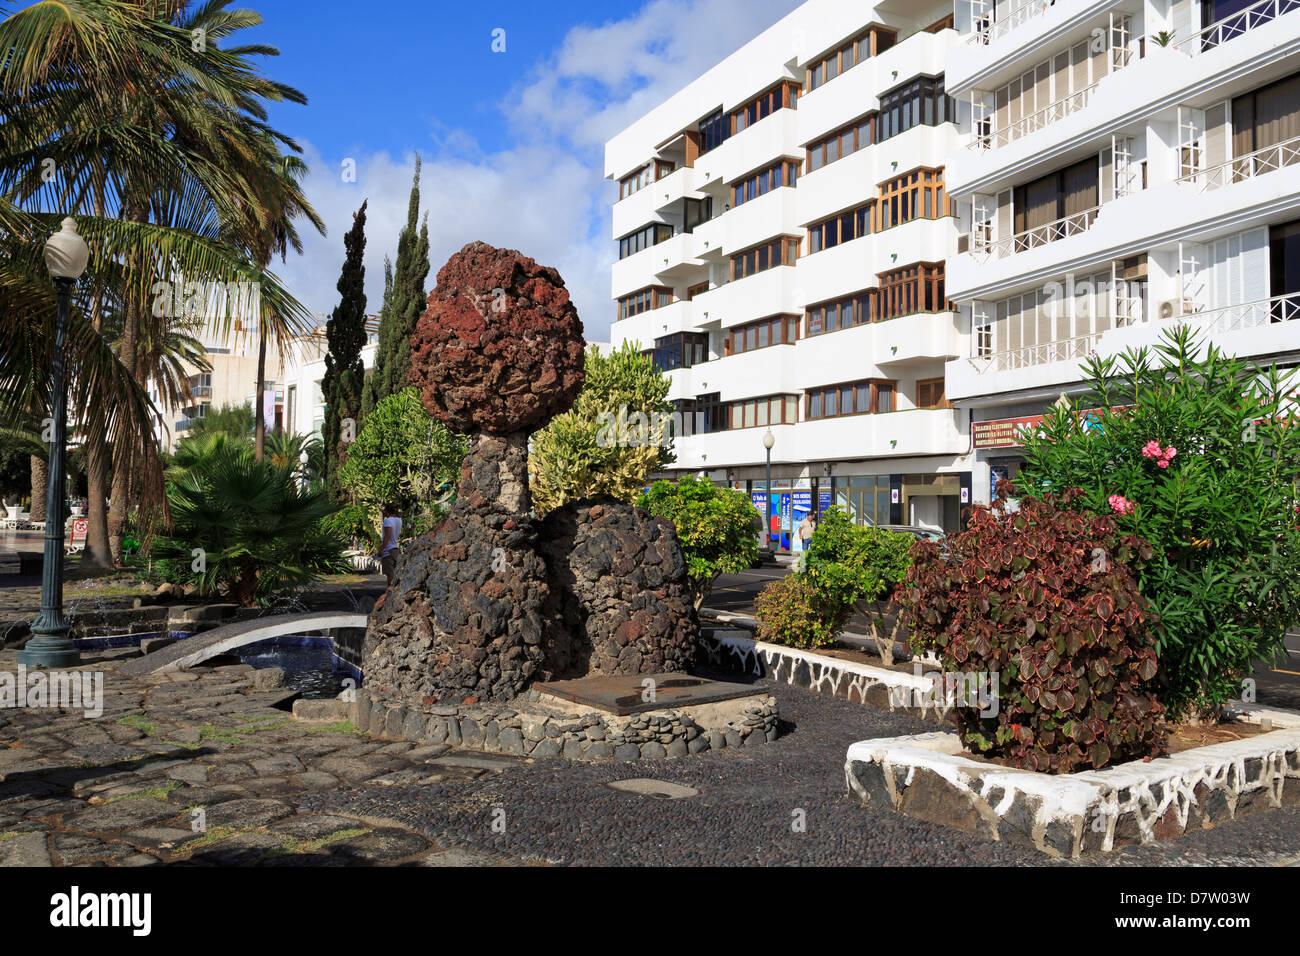 Vulkanischem Gestein auf der Uferpromenade, Arrecife, Lanzarote Insel, Kanaren, Spanien Stockbild